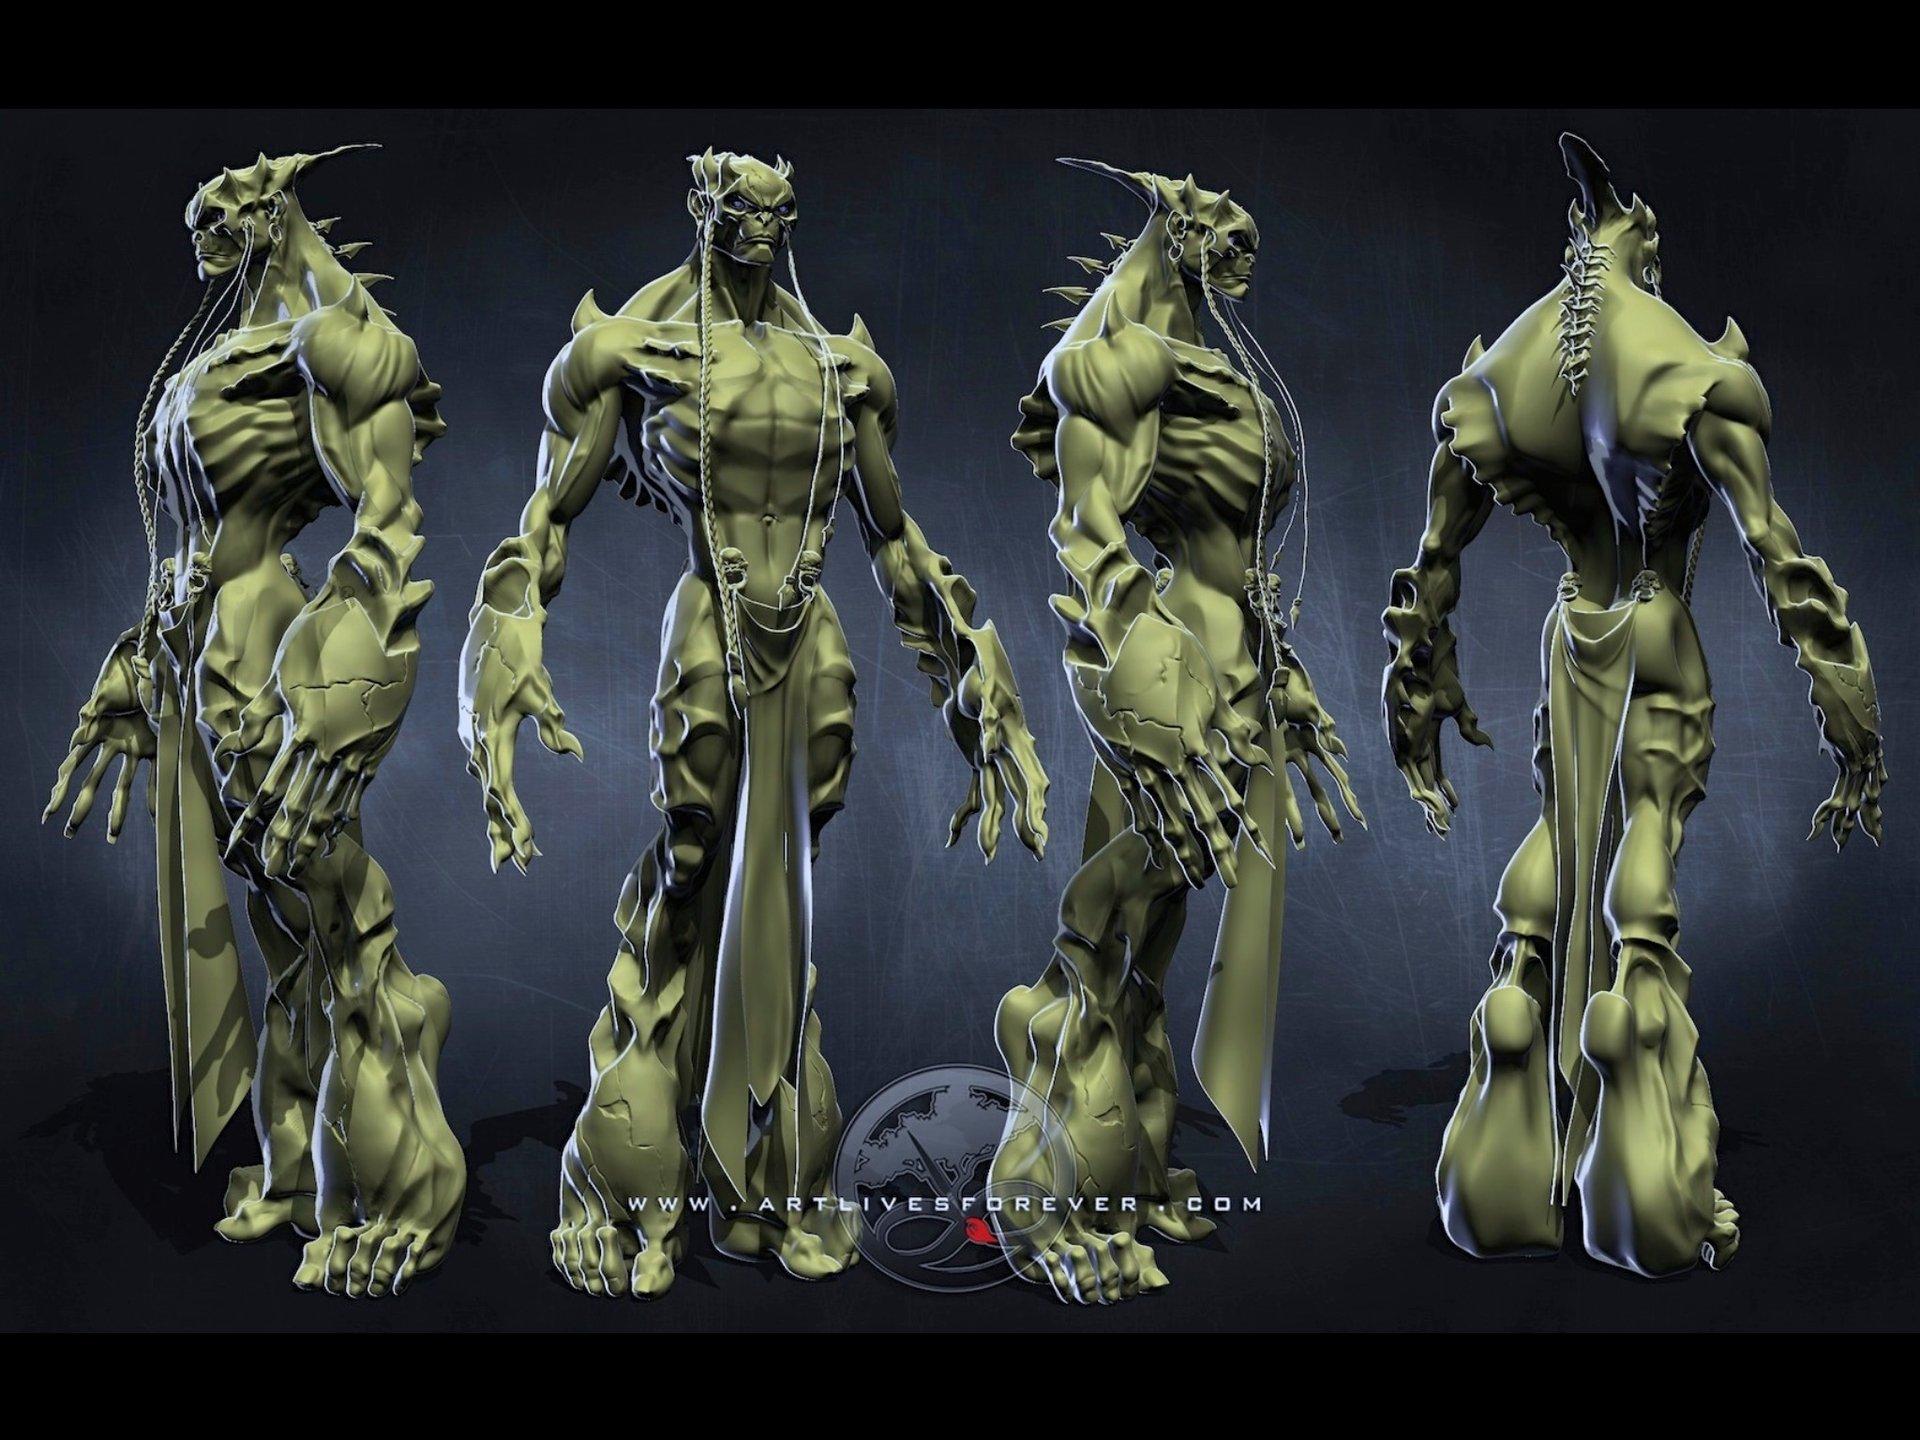 The Wraith's Orthos www.artlivesforever.com